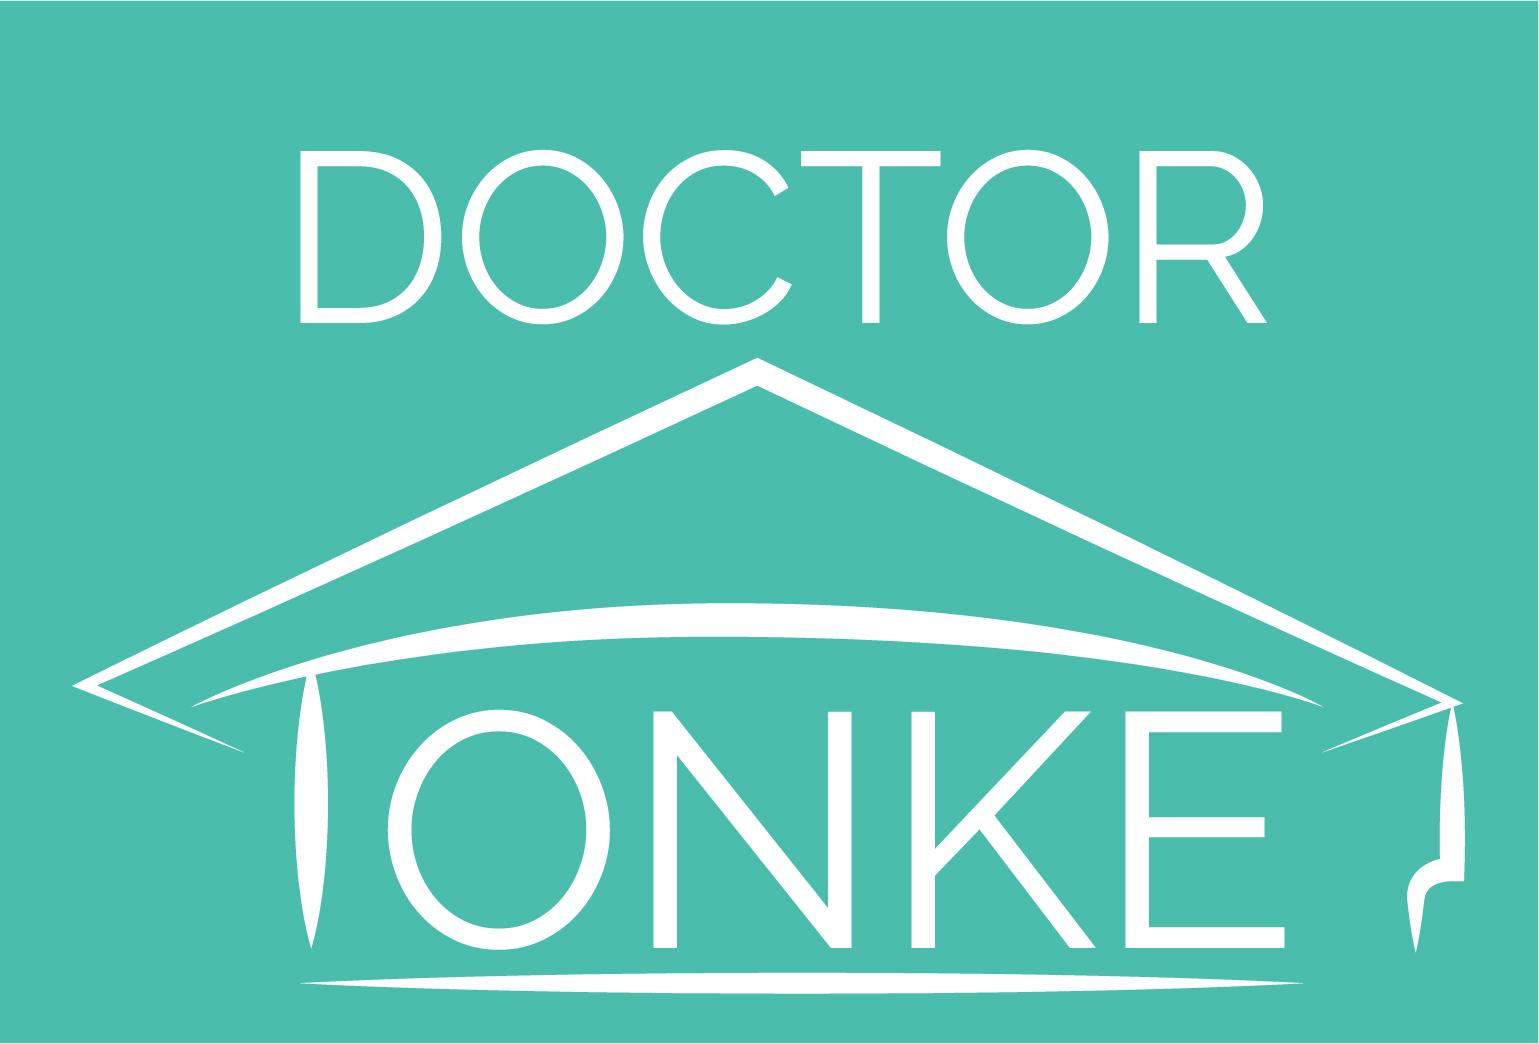 Doctor Tonke